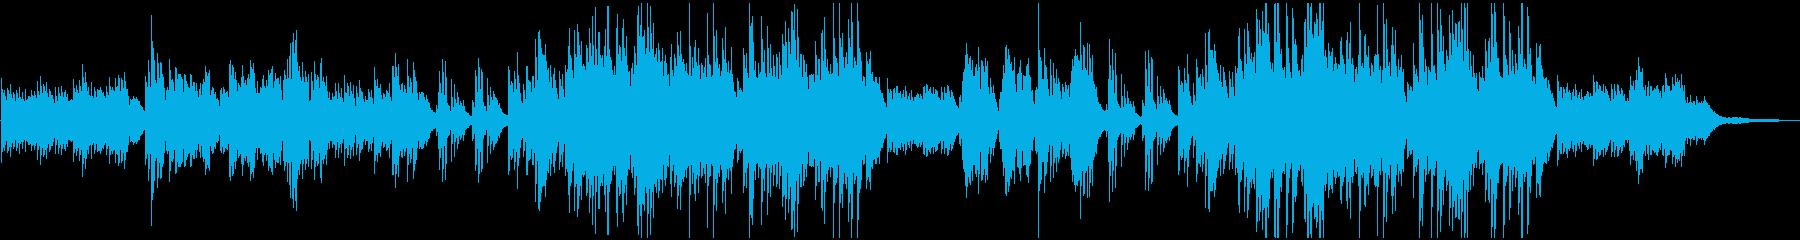 悲哀のある切ないピアノワルツの再生済みの波形